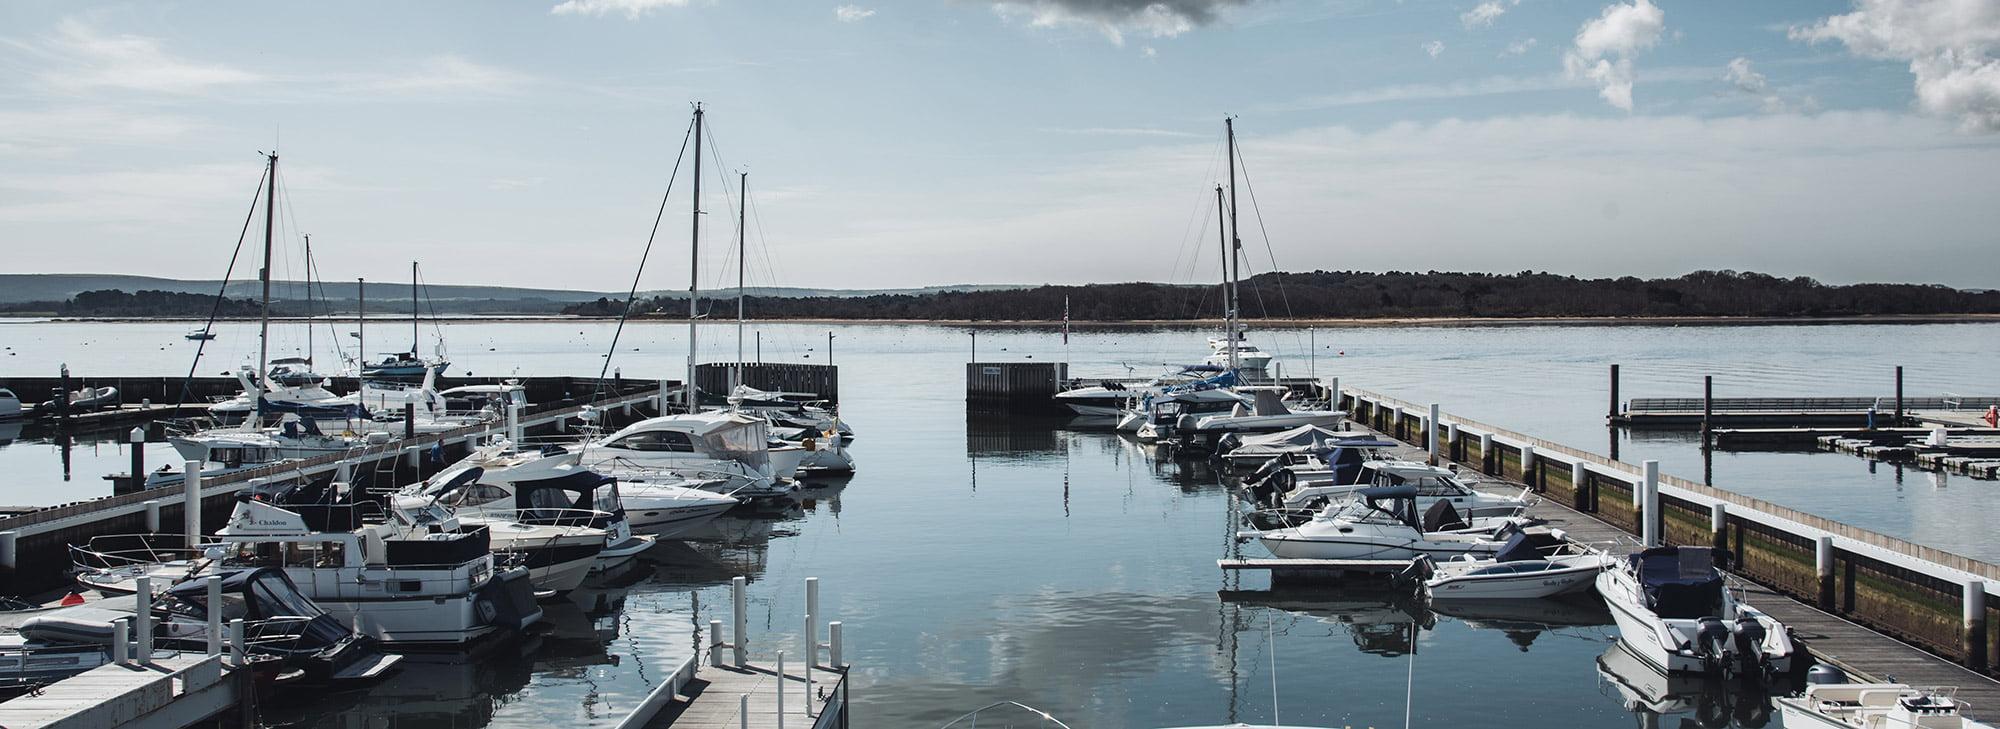 Tidal Studios | Lakeyard website launch